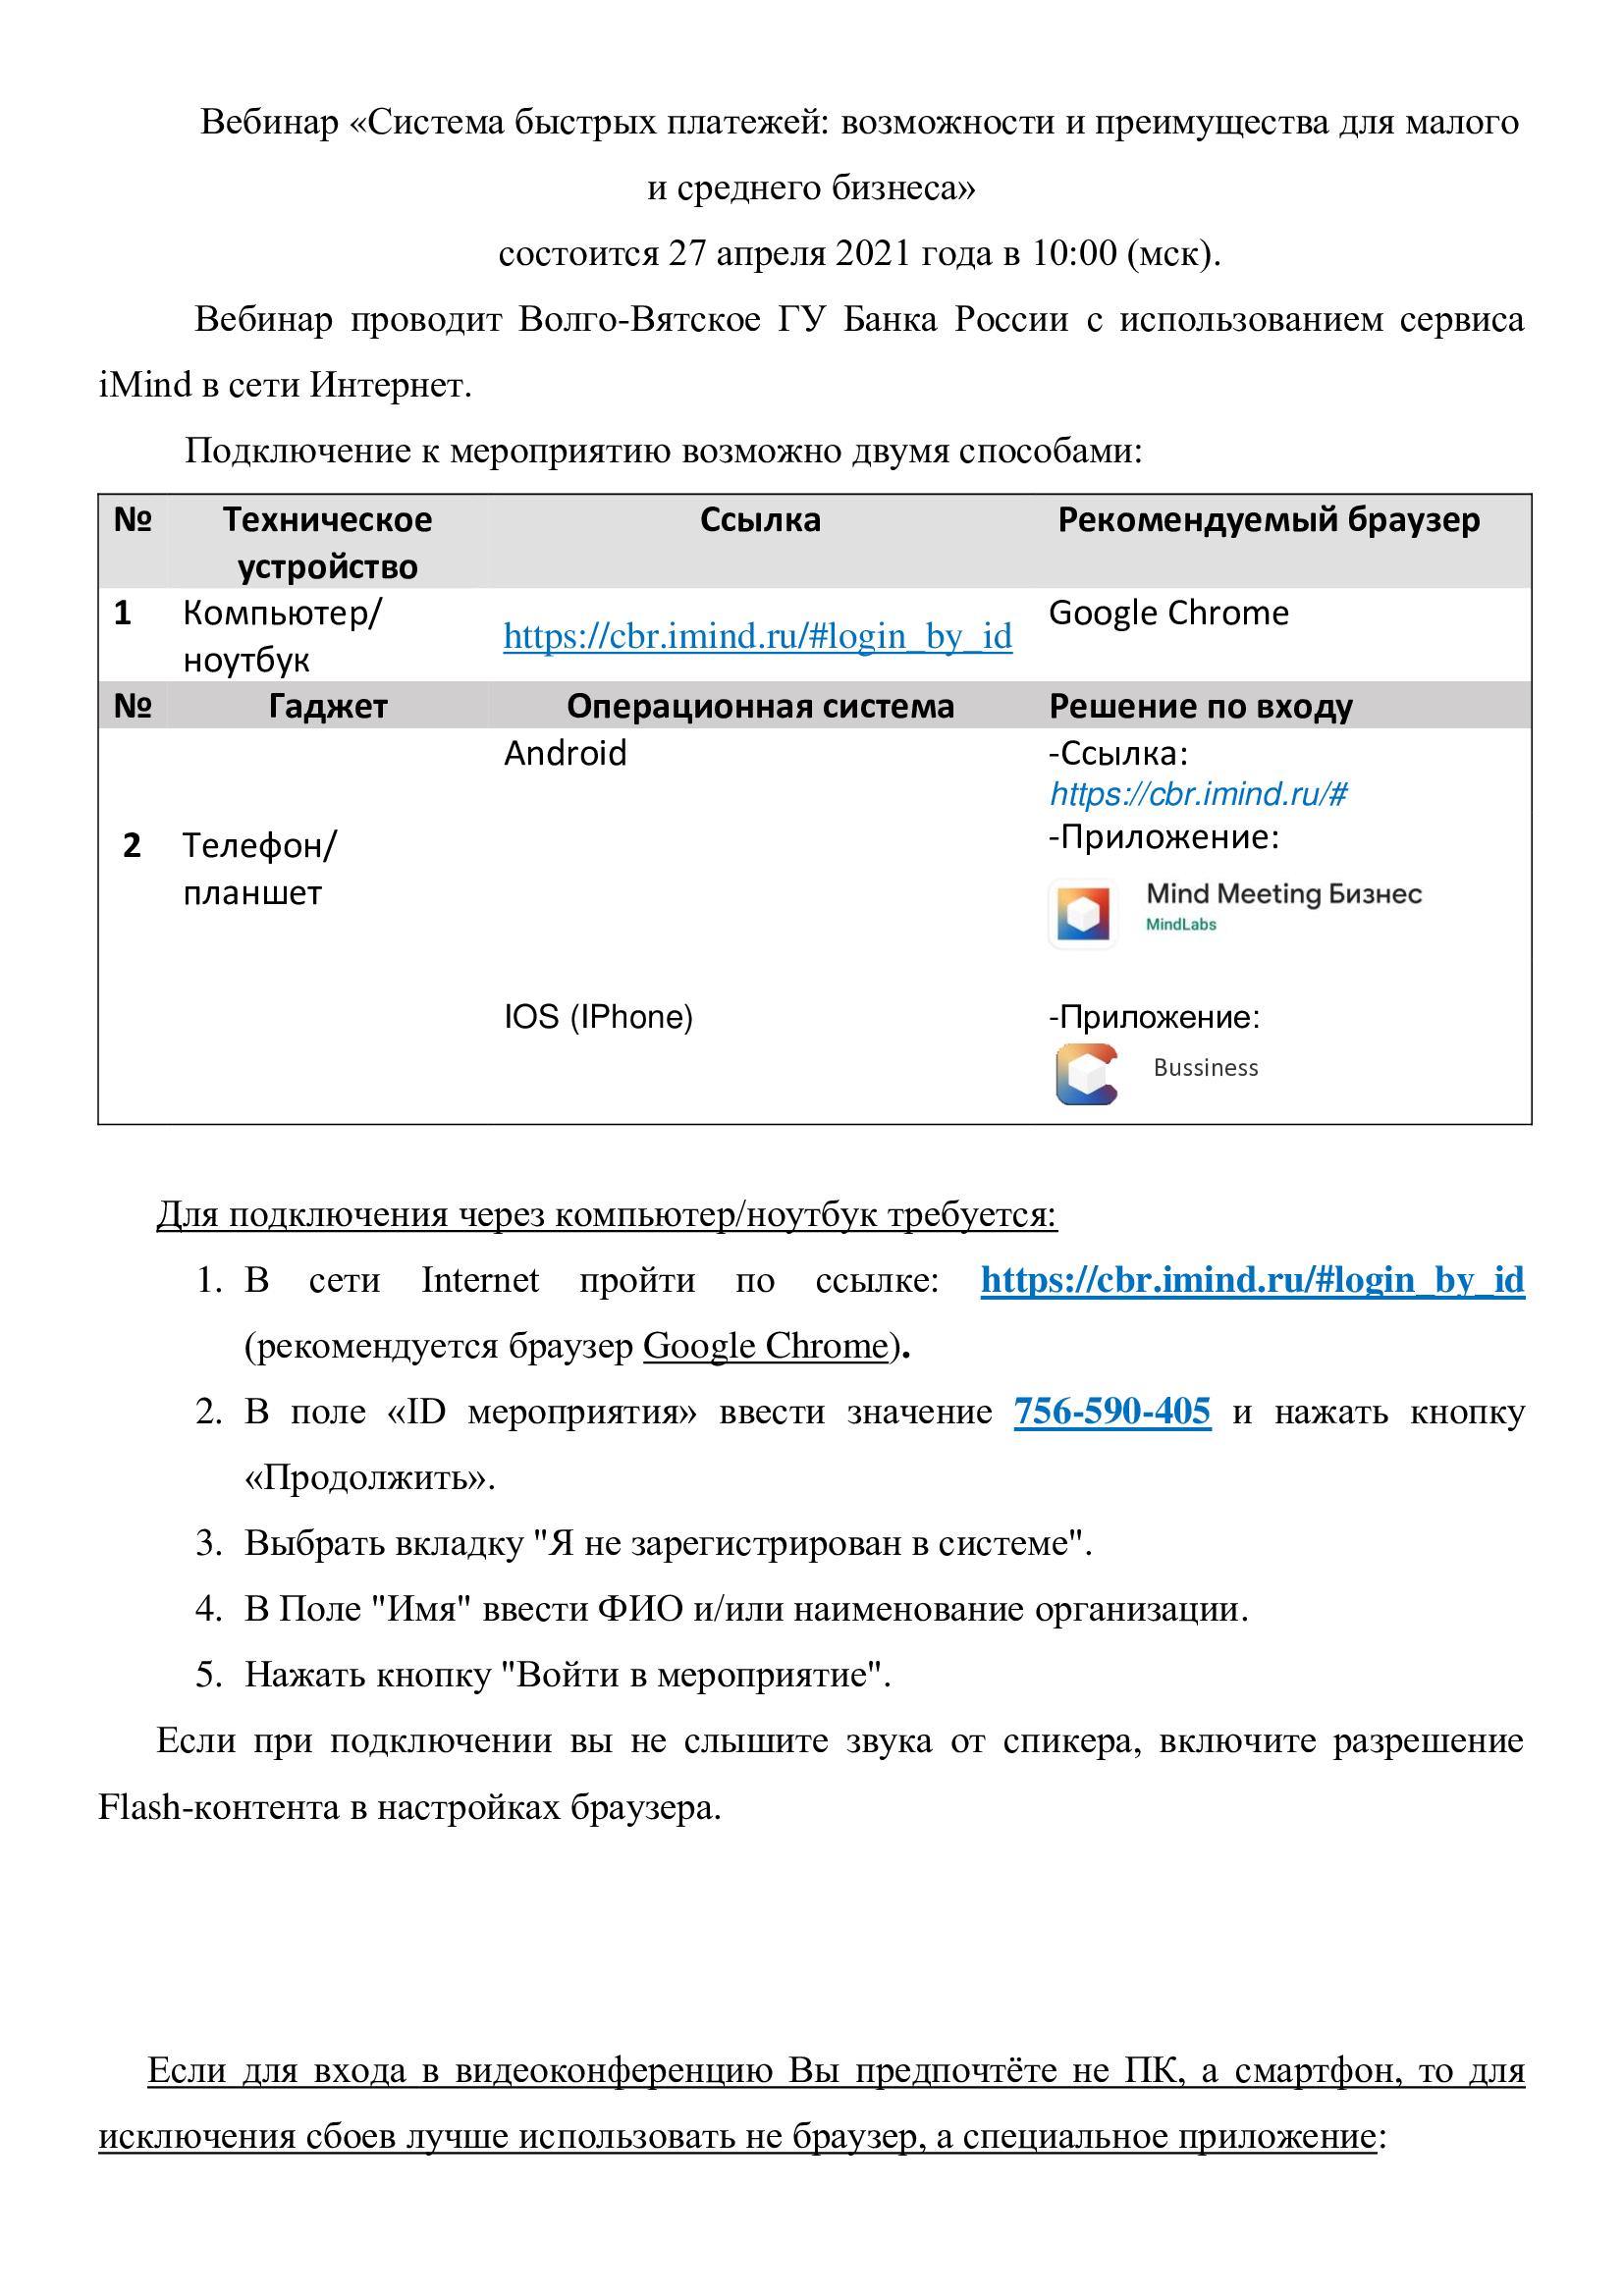 Порядок подключения к вебинару